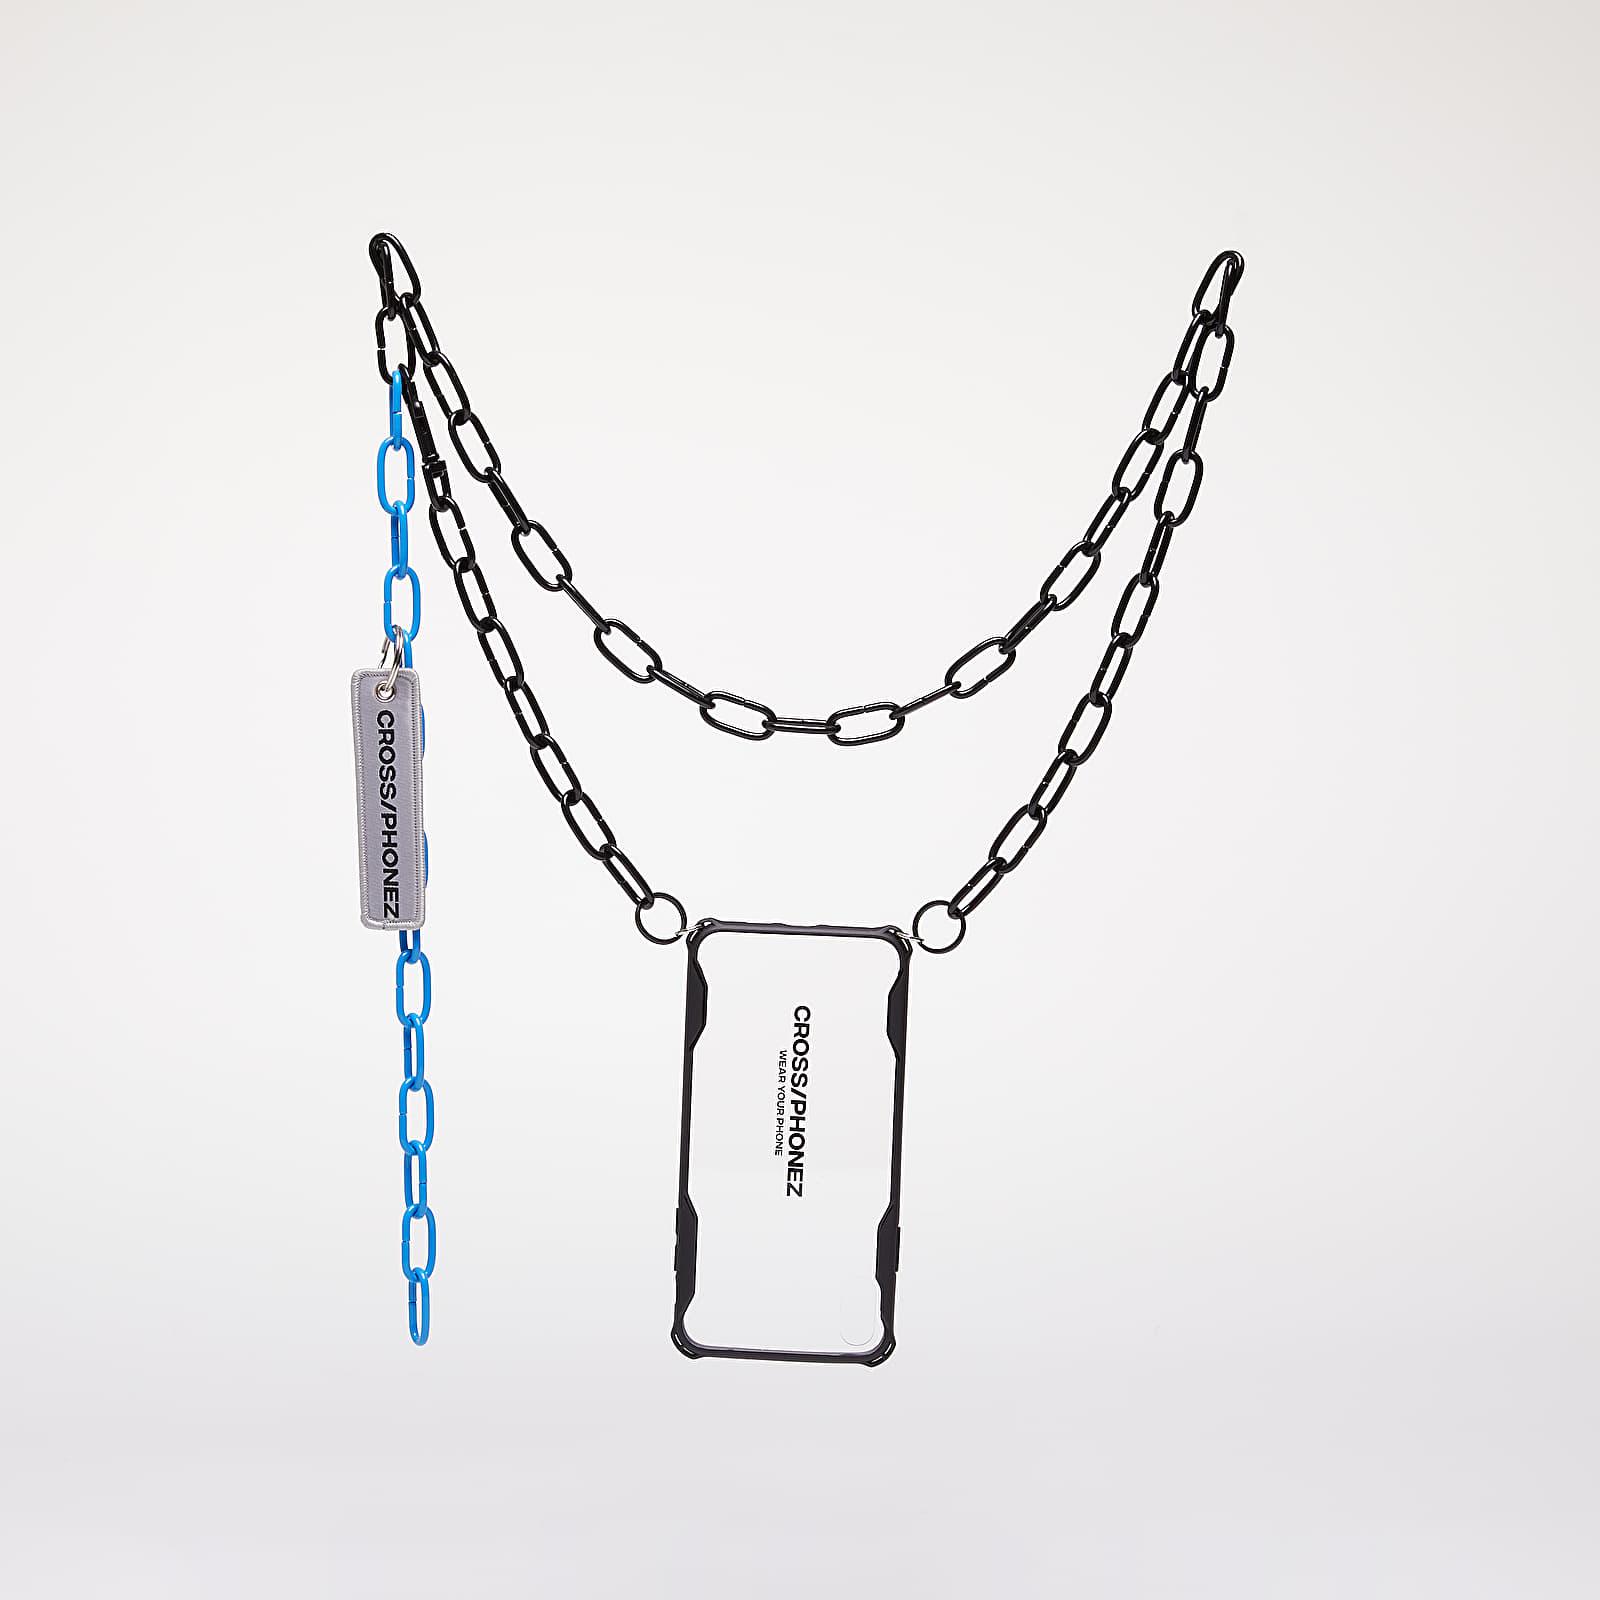 Accessoires CROSS/PHONEZ Crossphone Chain Black Sky Blue